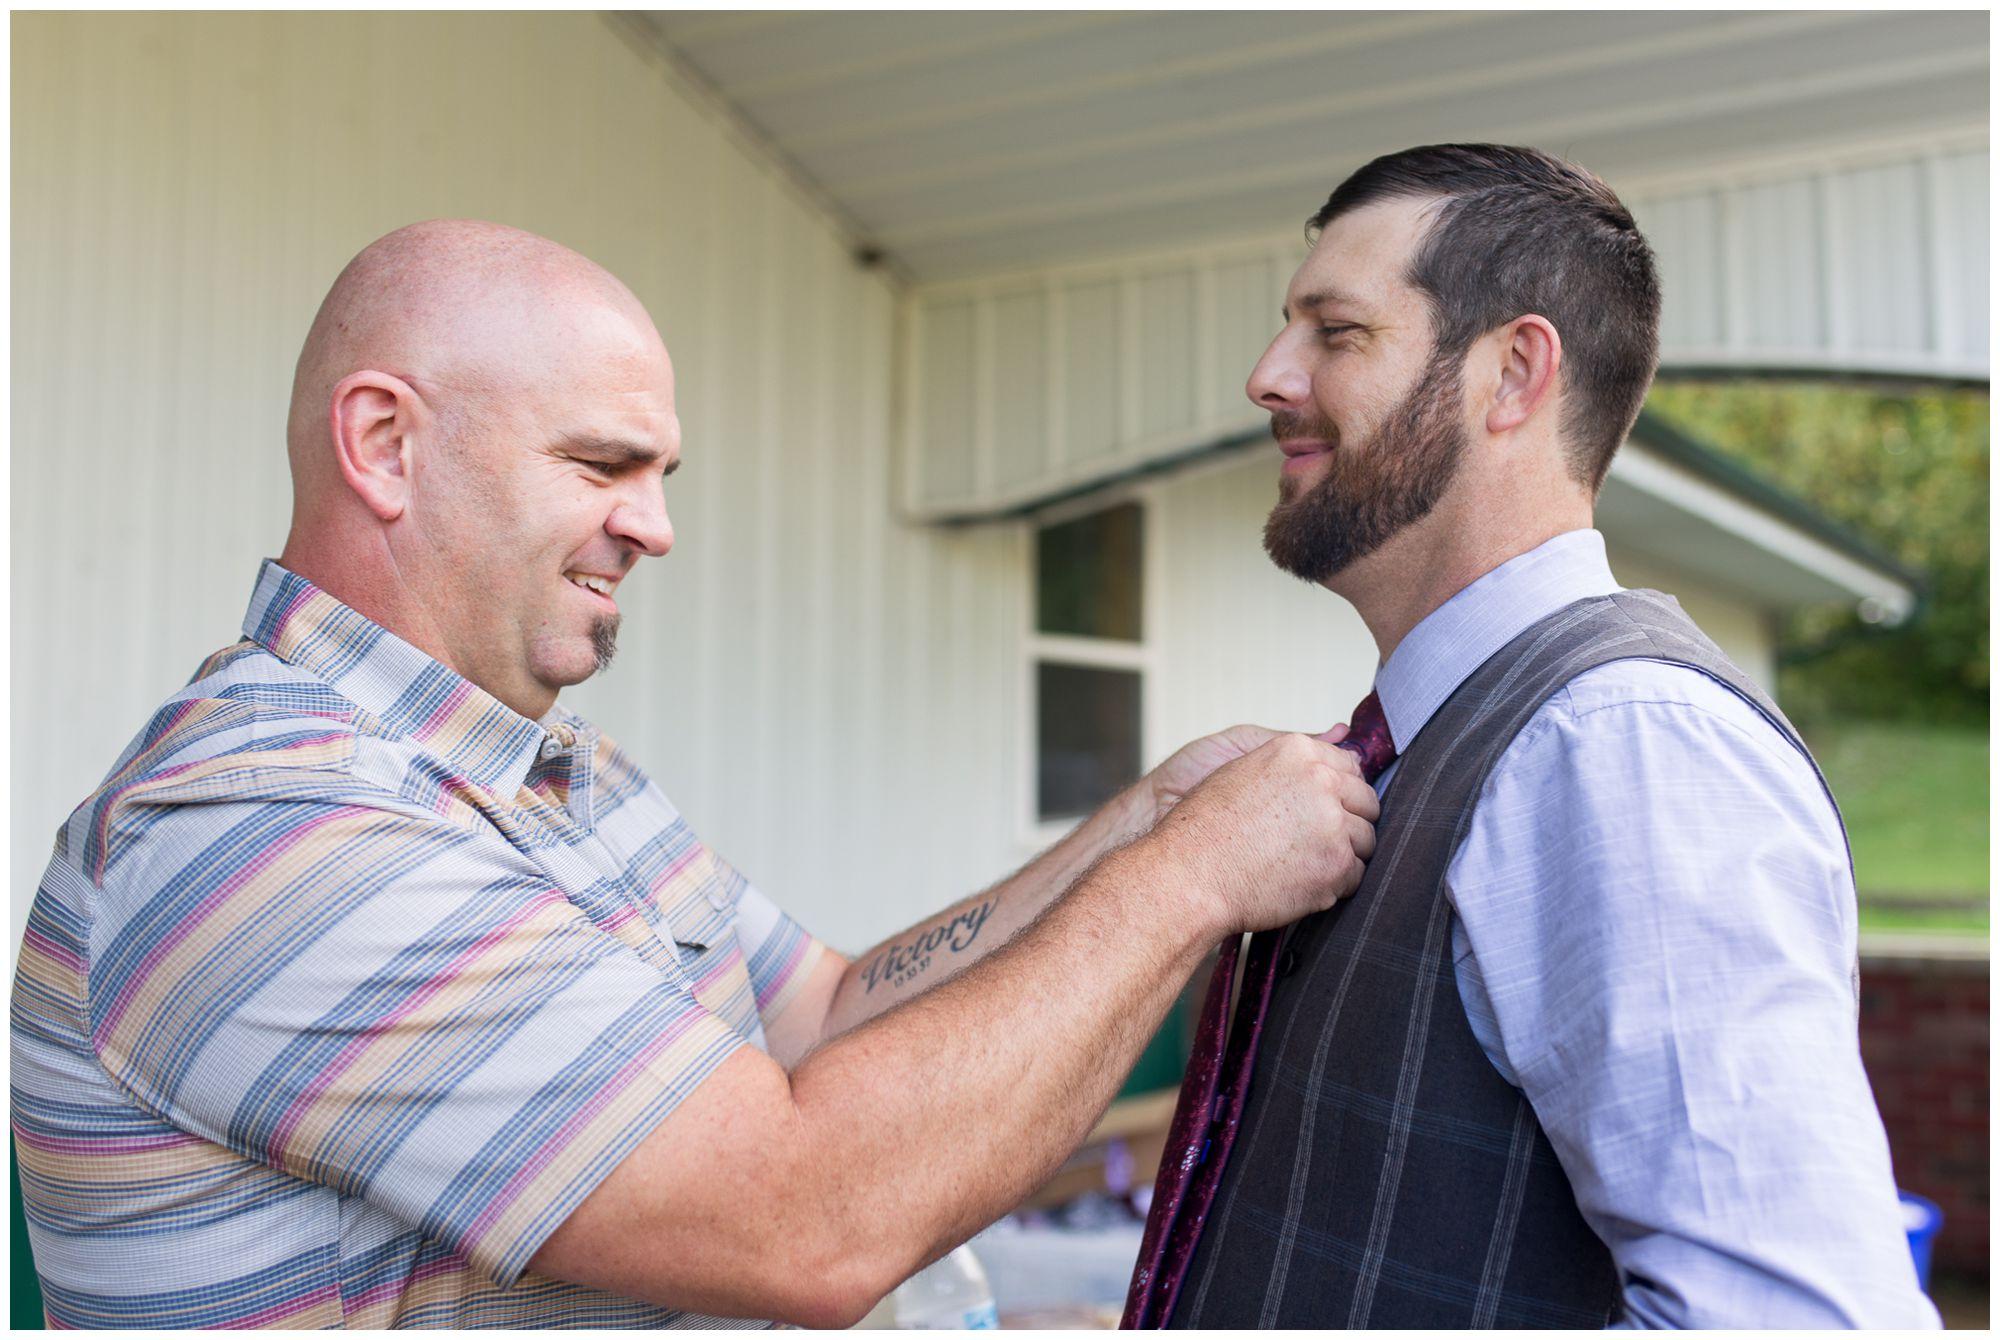 tying groom's tie before wedding first look in Peru Indiana